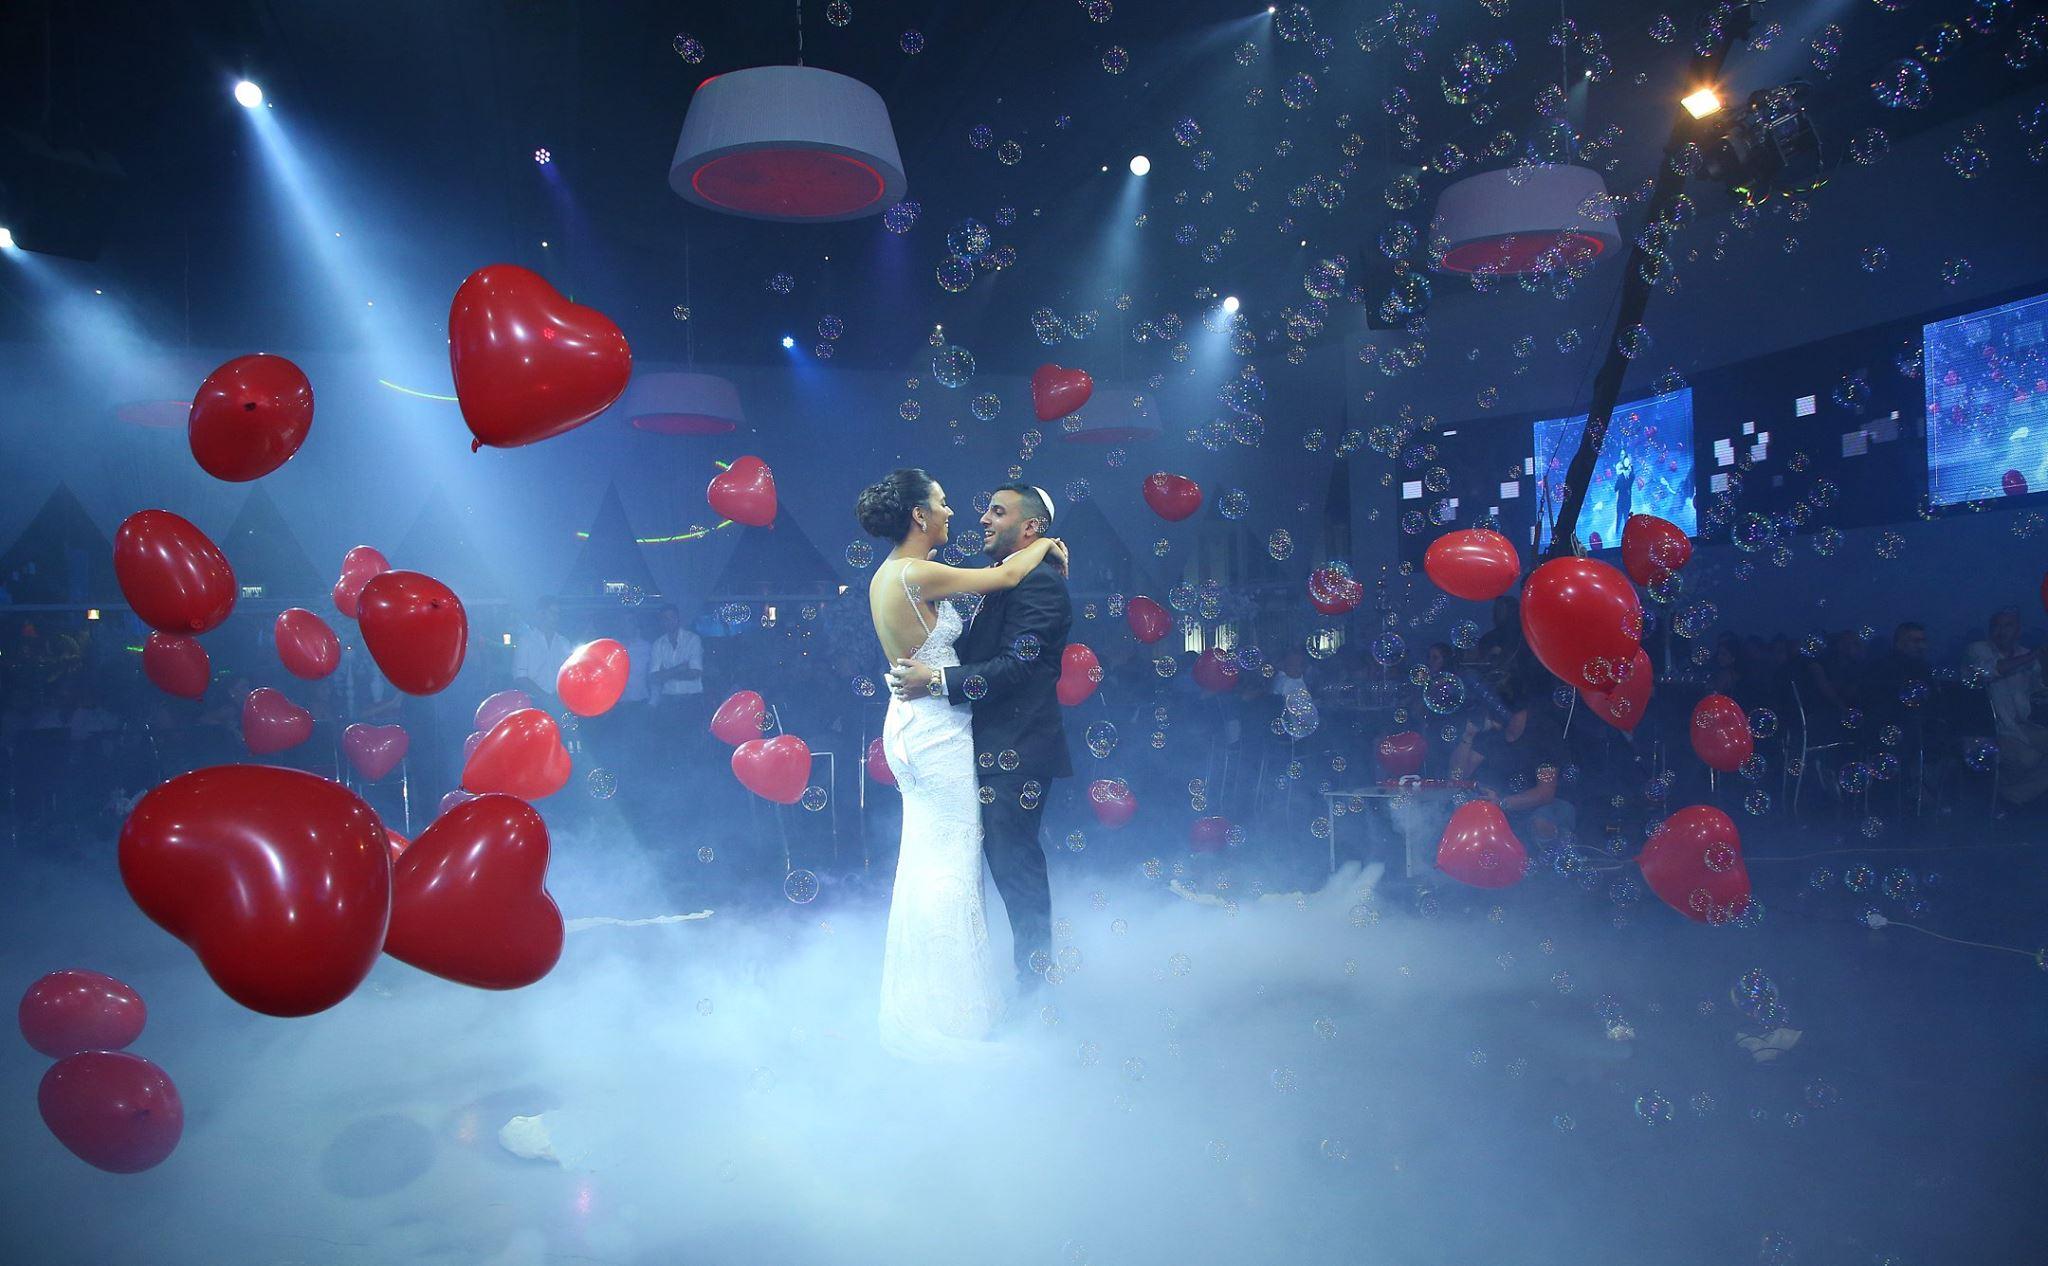 נועם זלאיט די ג'יי לחתונה תקליטן לחתונה בלונים מתפוצצים